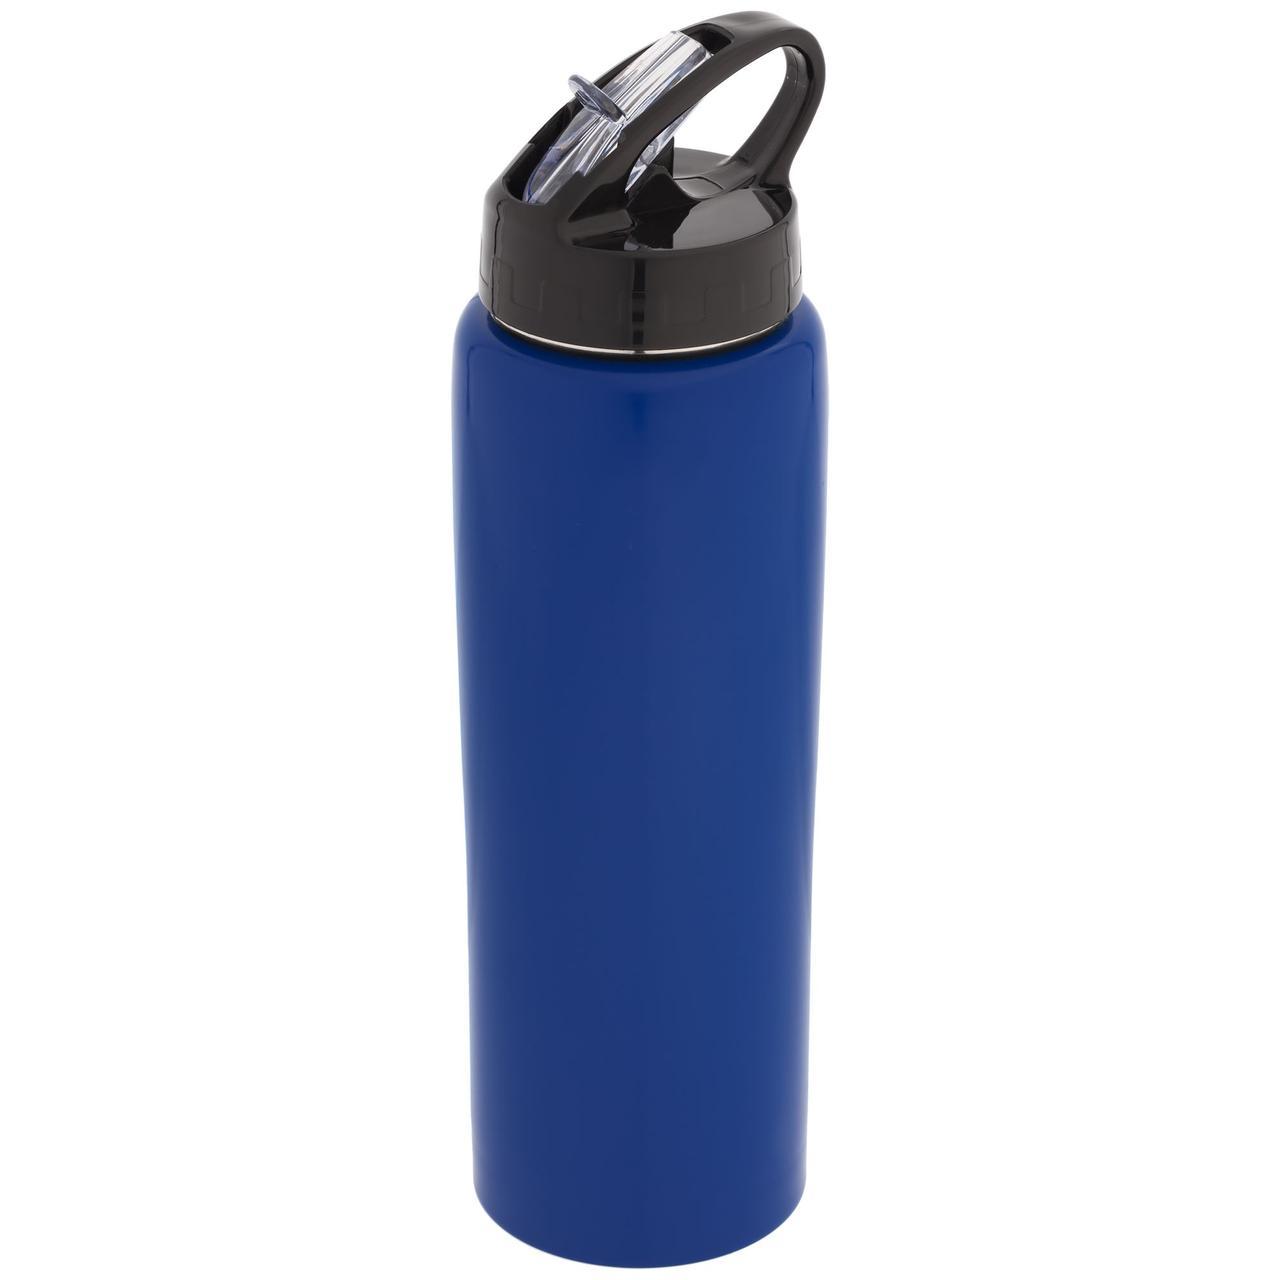 Спортивная бутылка Moist, синяя